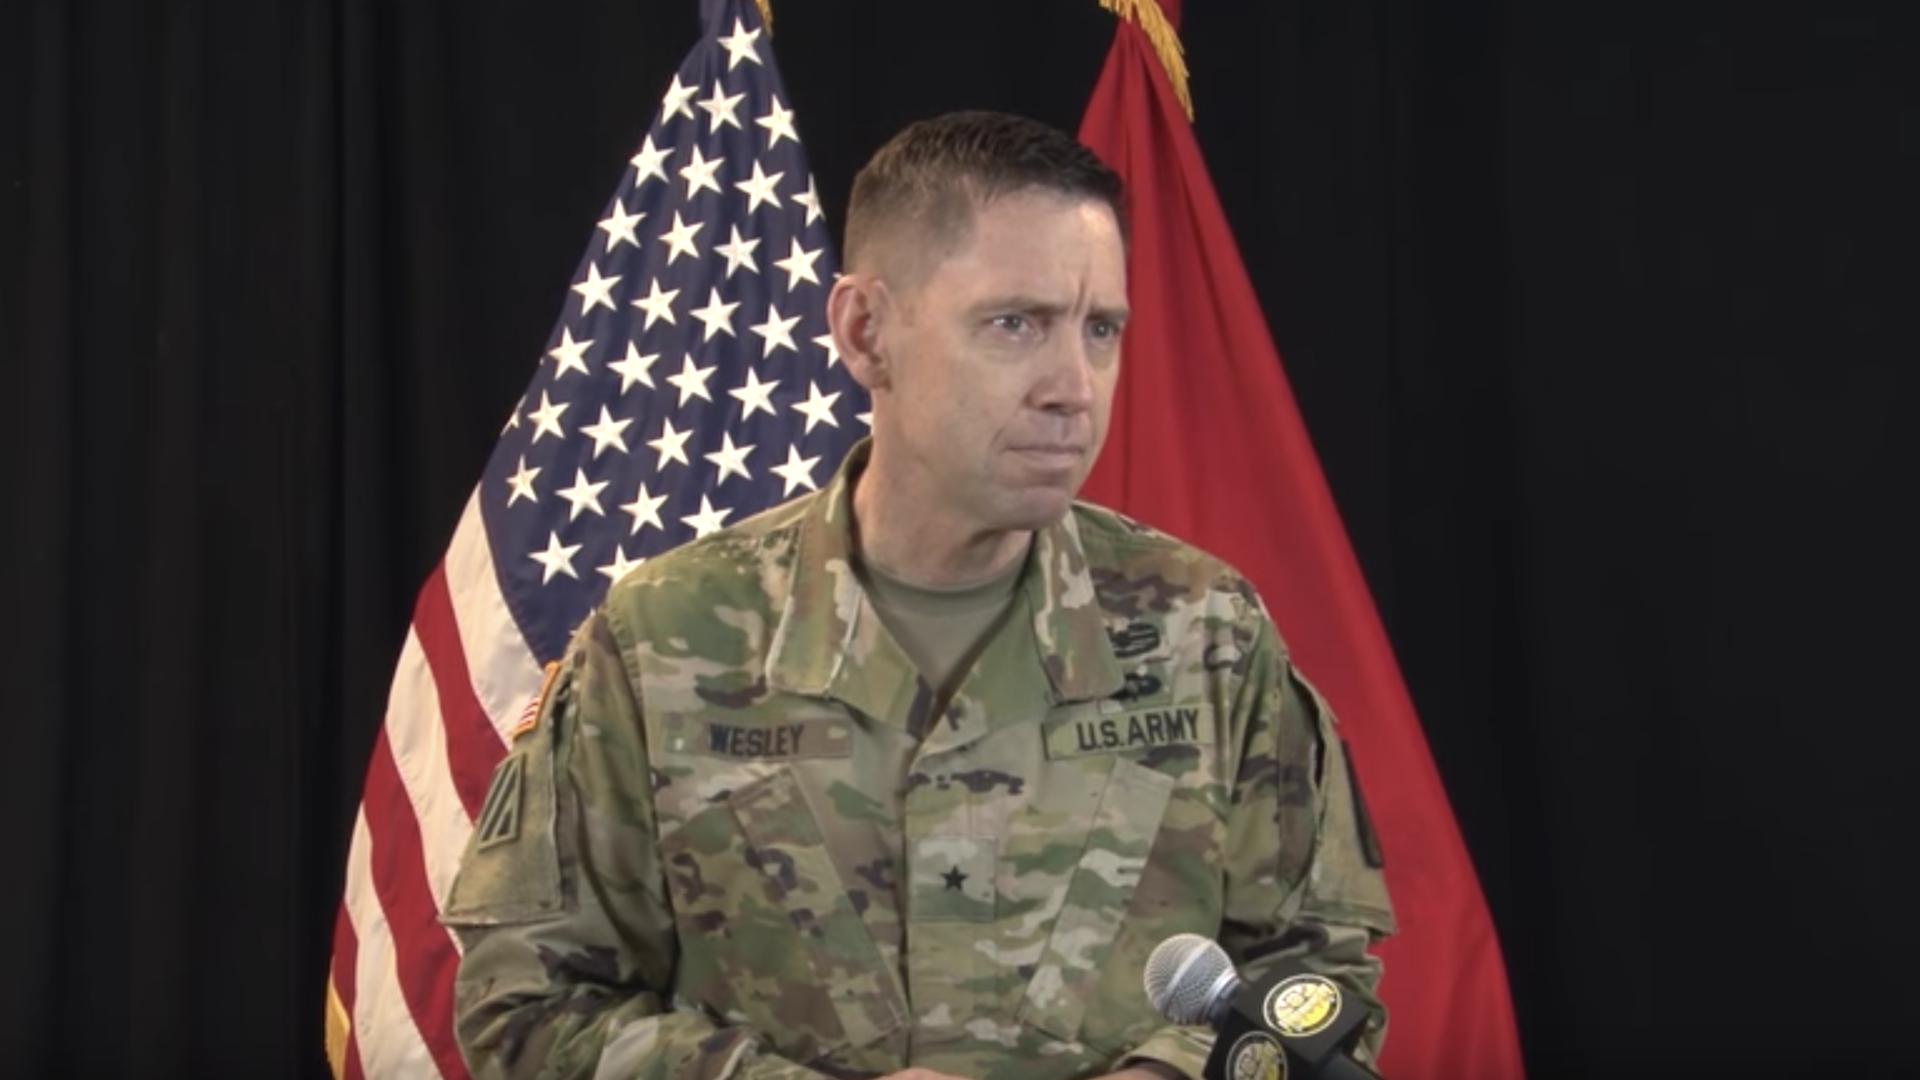 Αξιωματούχος ΗΠΑ: Δεν θα αντέξουμε για πολύ ακόμα να κυριαρχούμε σε όλους τους τομείς